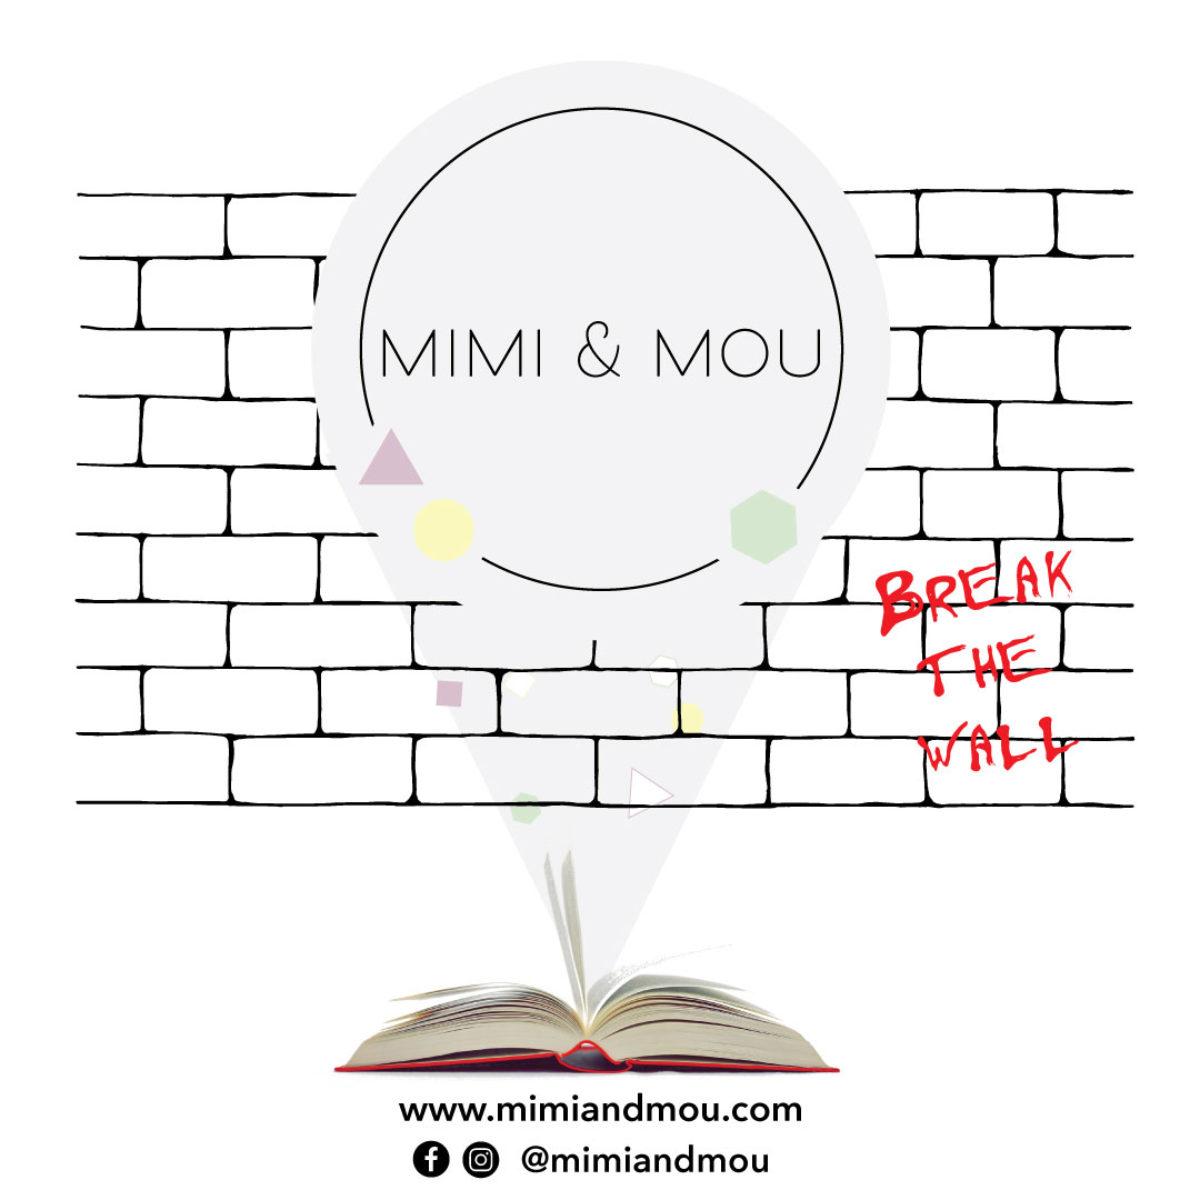 Θέατρο και εικαστικά – σεμινάριο για εκπαιδευτικούς στο Mimi & Mou